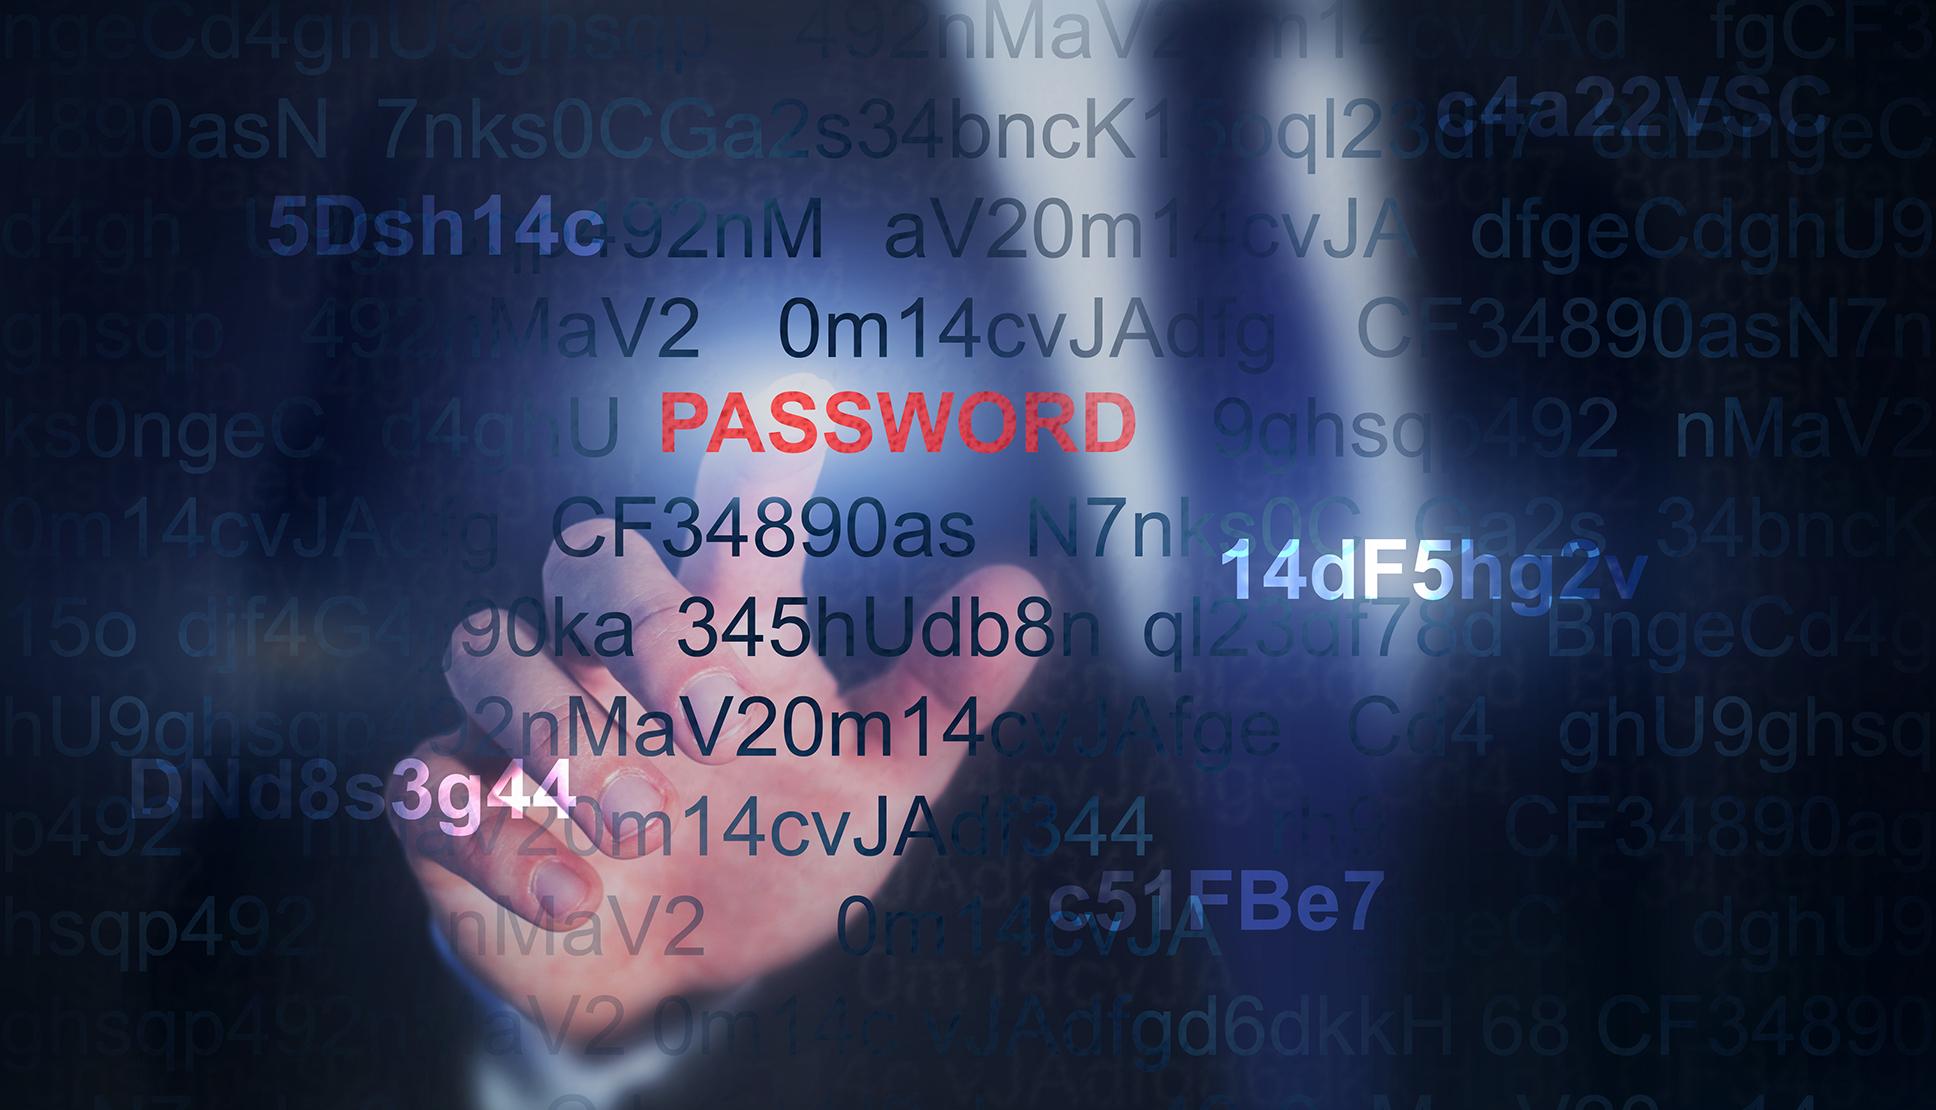 GitHub - A Cyber Danger in Plain Sight | Fidelis Cybersecurity